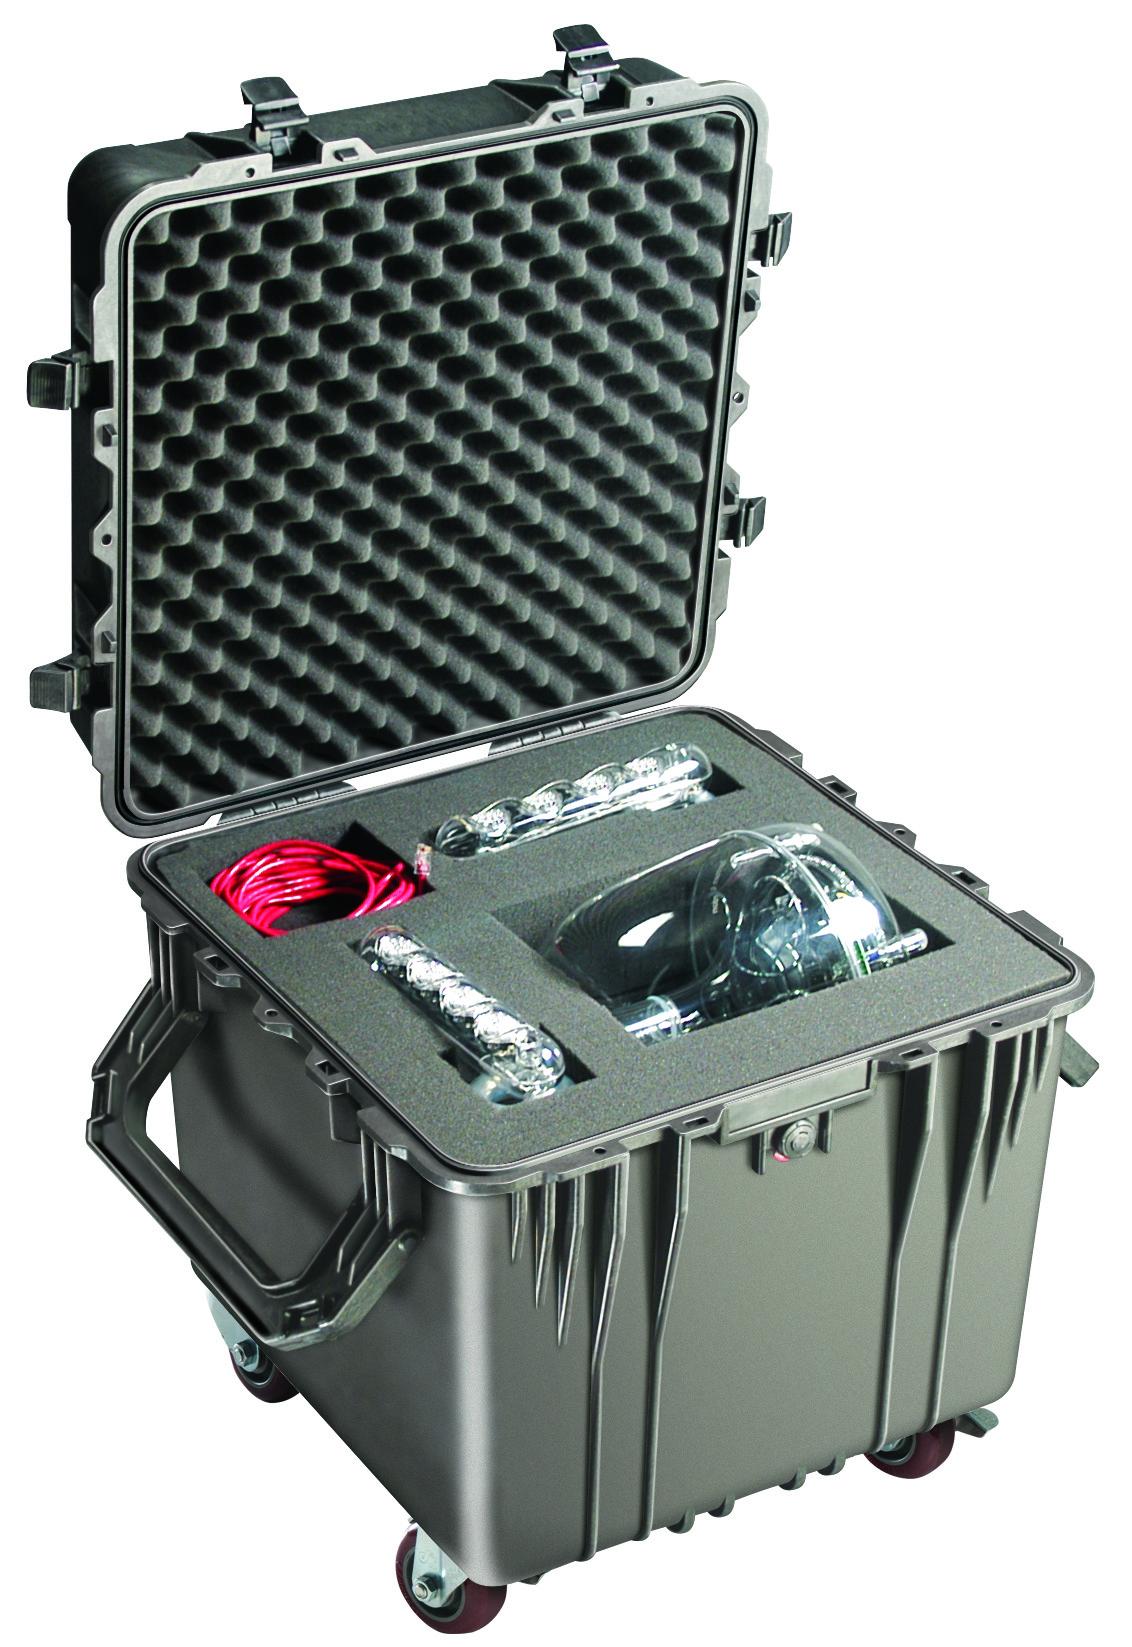 0350 - 0350 Pelican Cube Case Dry Box Custom Cut Foam